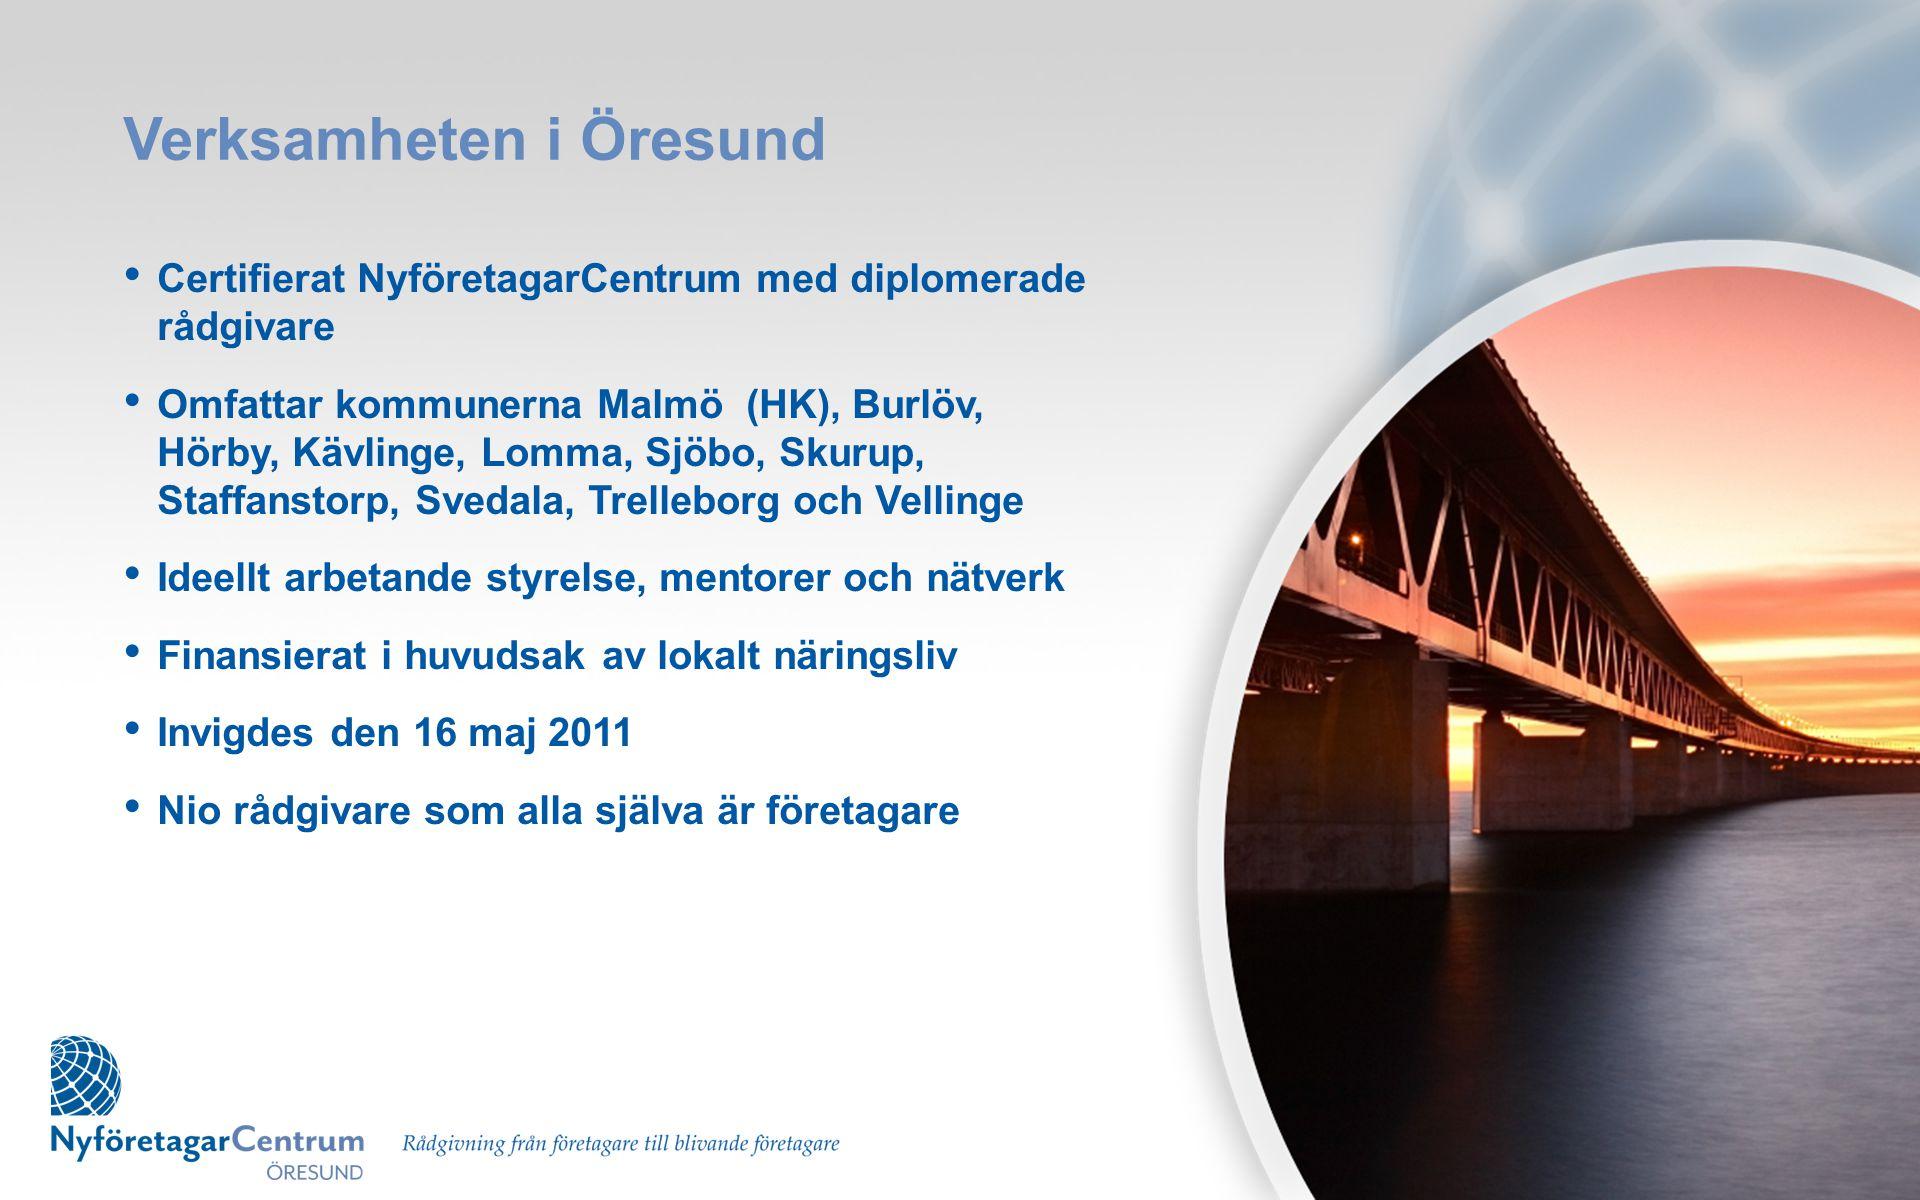 Verksamheten i Öresund • Certifierat NyföretagarCentrum med diplomerade rådgivare • Omfattar kommunerna Malmö (HK), Burlöv, Hörby, Kävlinge, Lomma, Sj